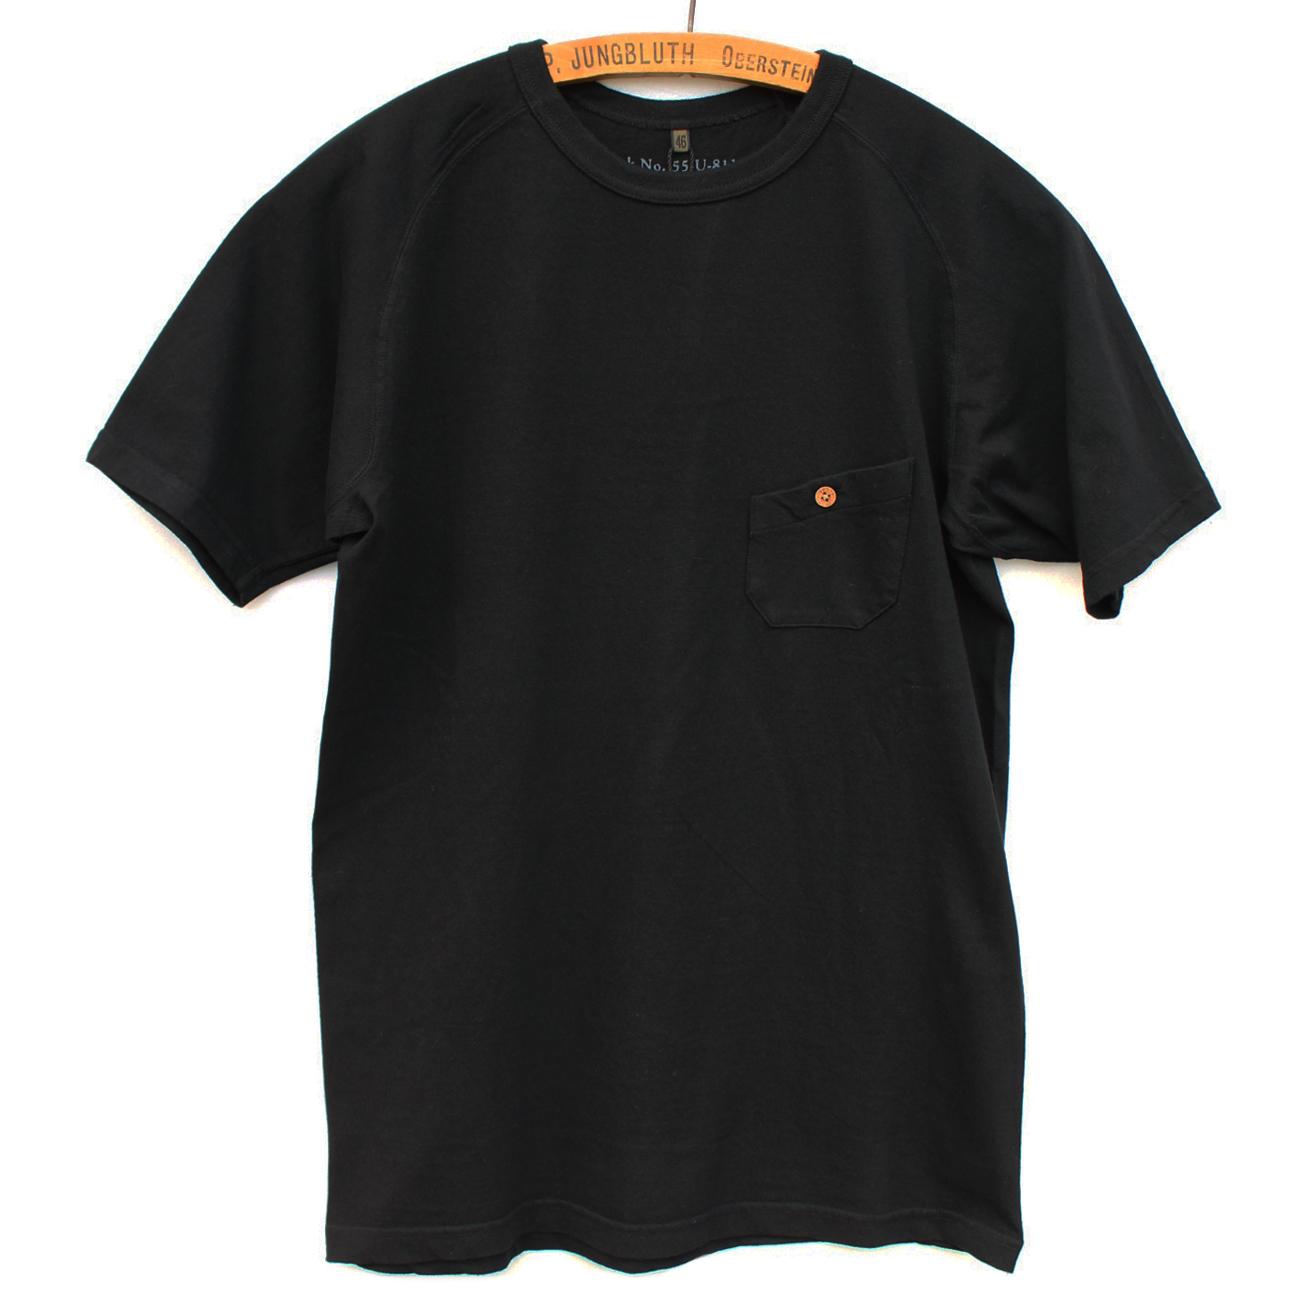 c74c02ff4eaabf NIGEL CABOURN Basic T-shirt – Black